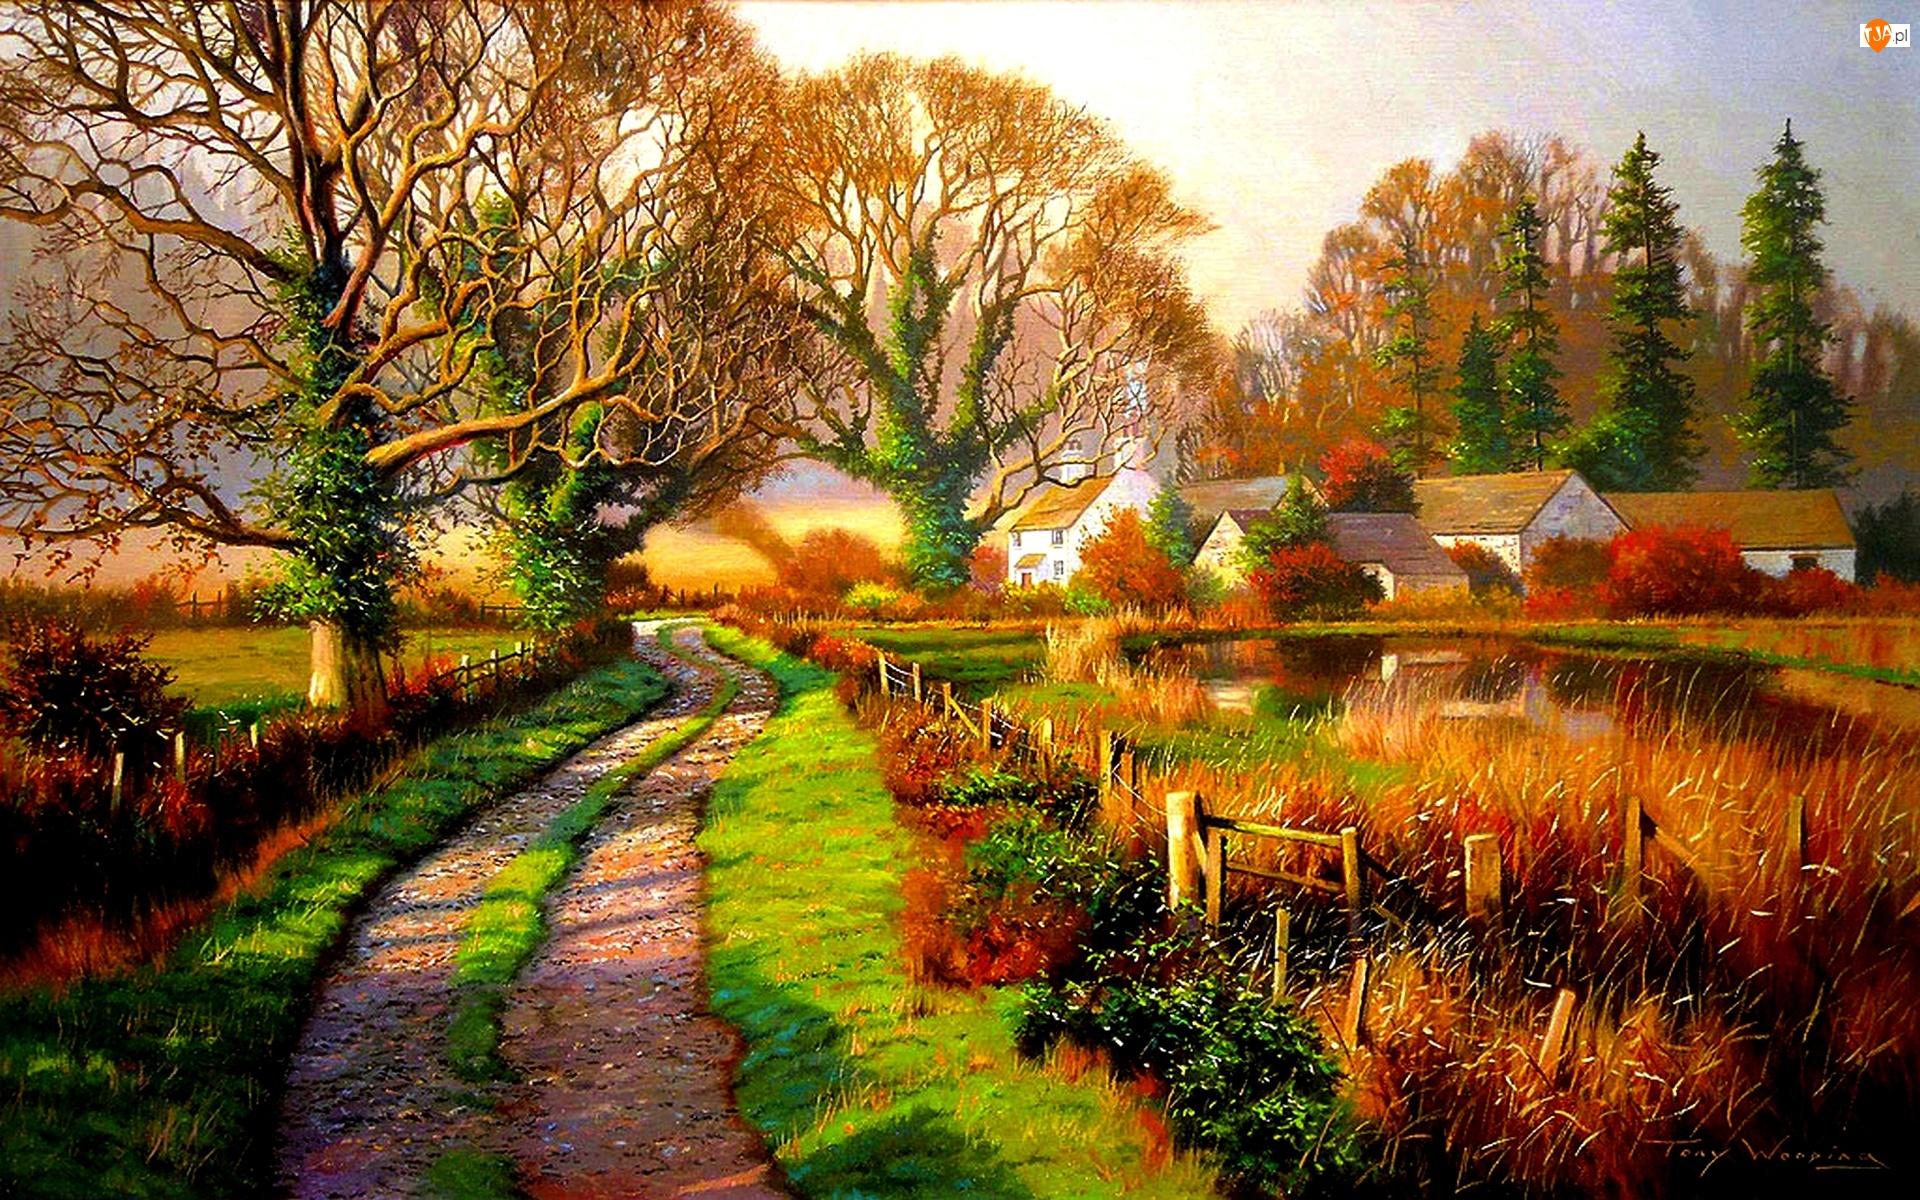 Domy, Staw, Droga, Jesień, Drzewa, Wioska